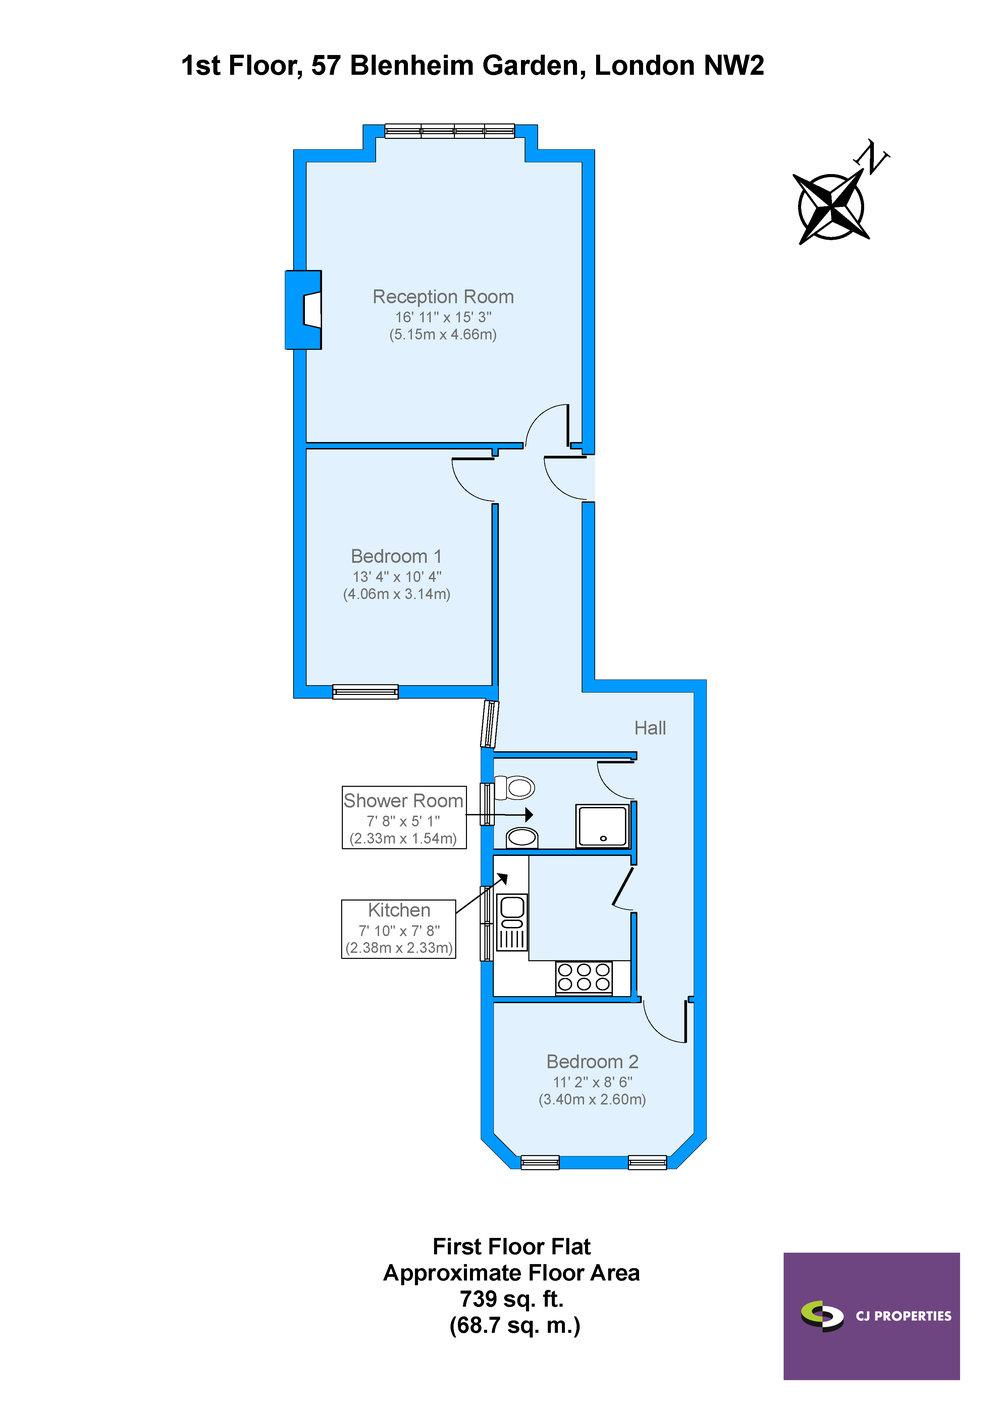 Blenheim Gdns 2-57_Floorplan.jpg